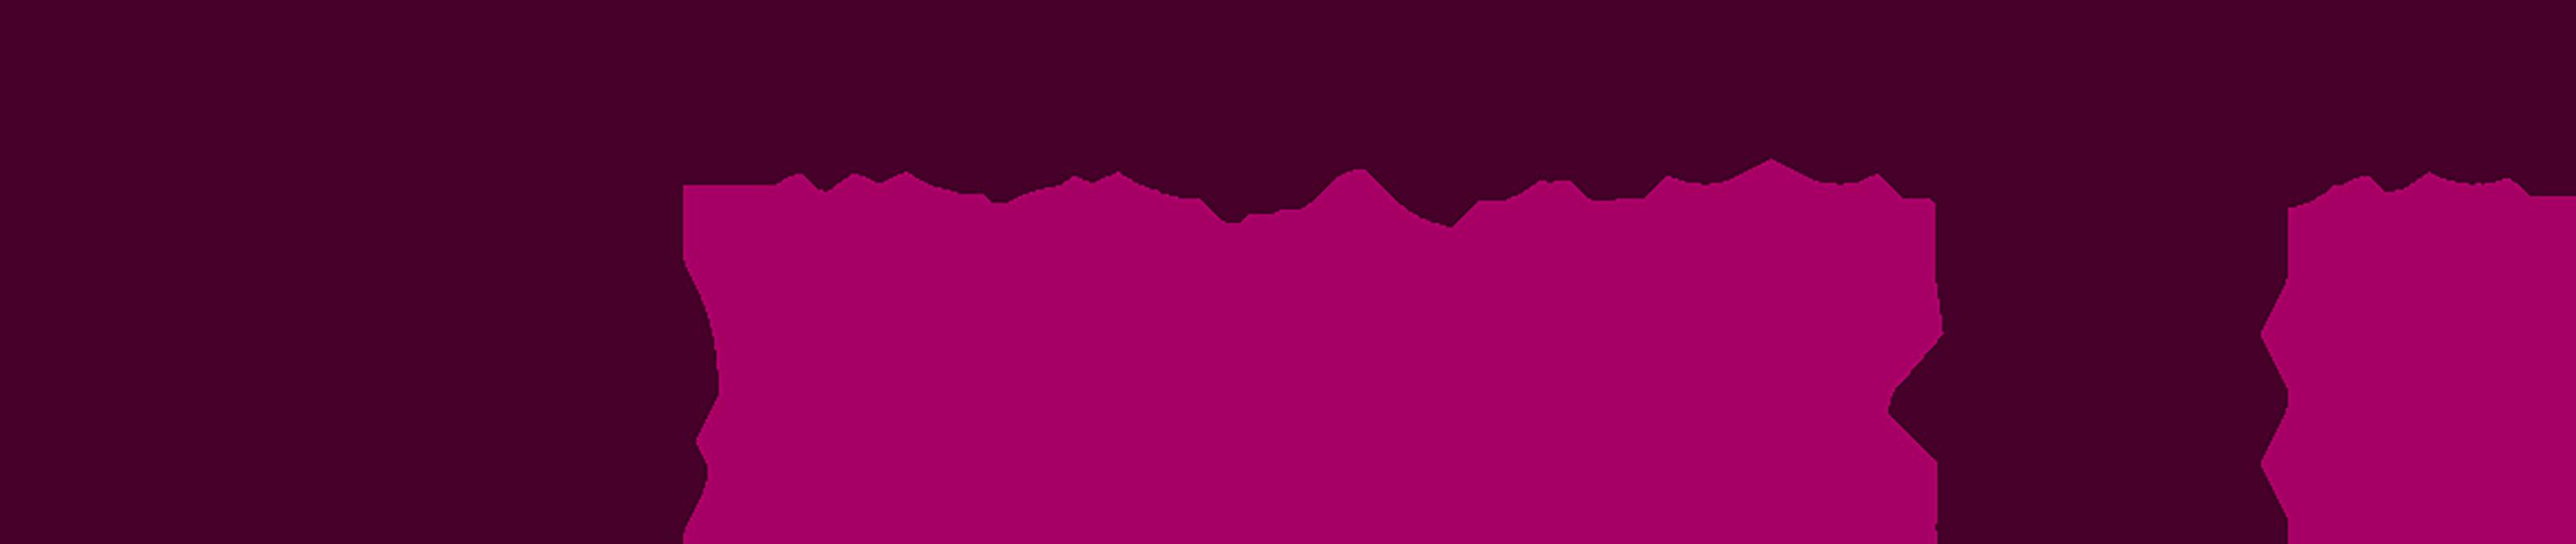 logo muziek dans theater groot-f82e377a